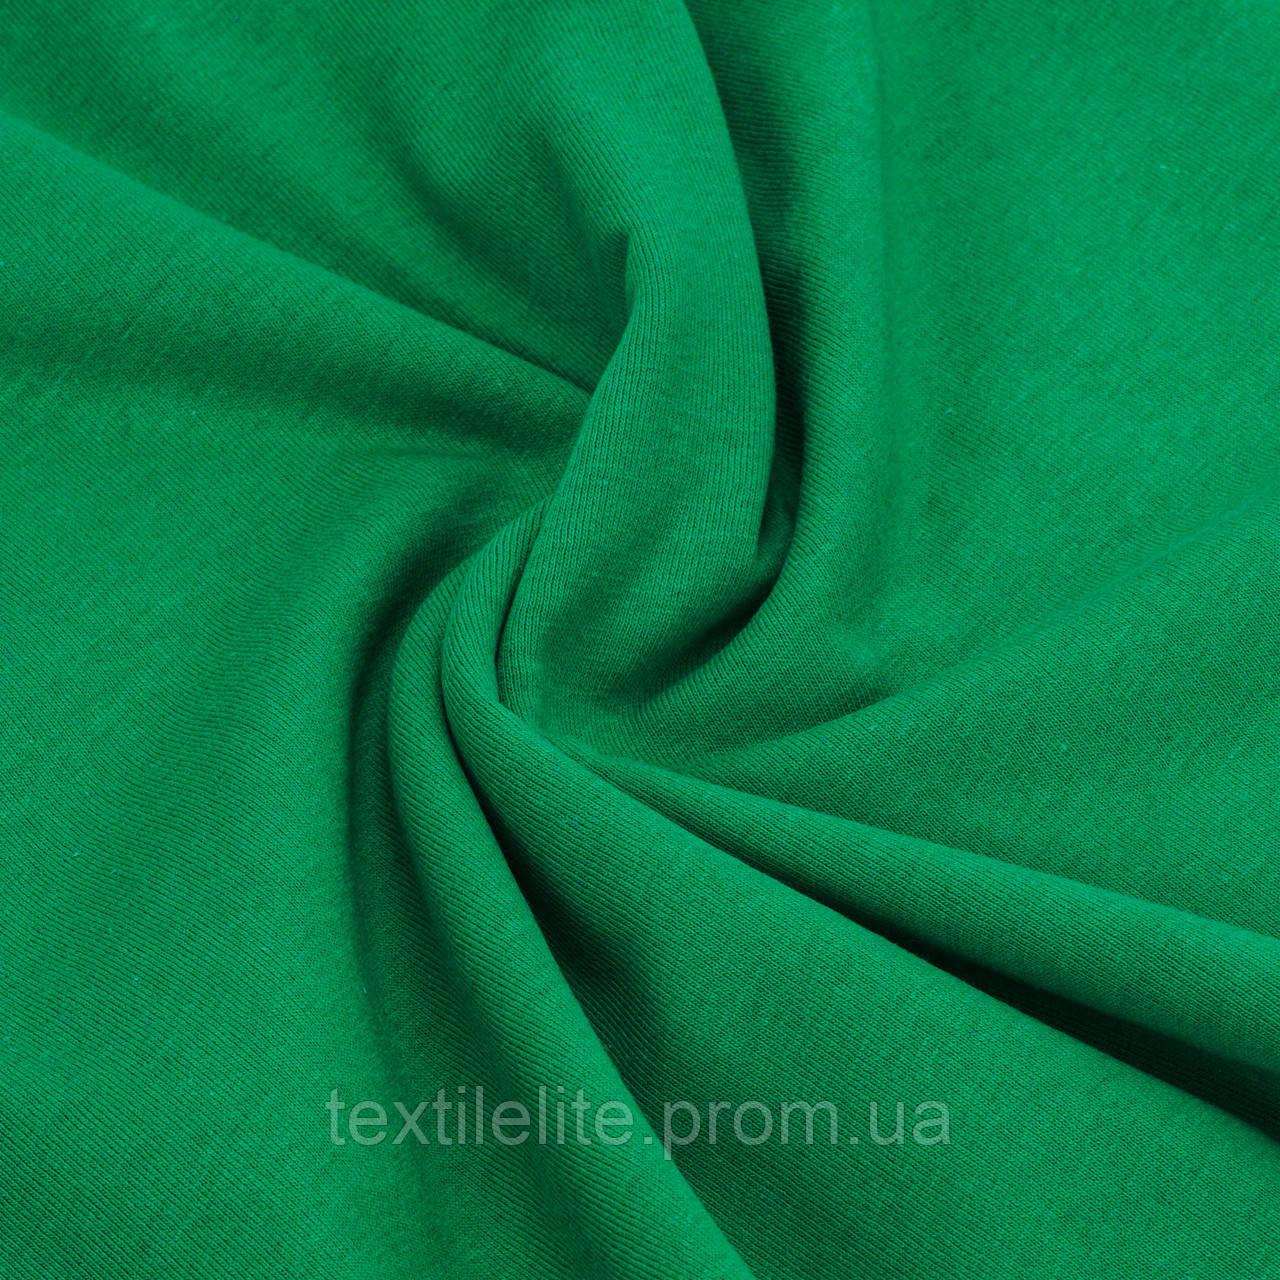 Кулирка зеленая оптом в рулонах, хлопок 100%, Турция